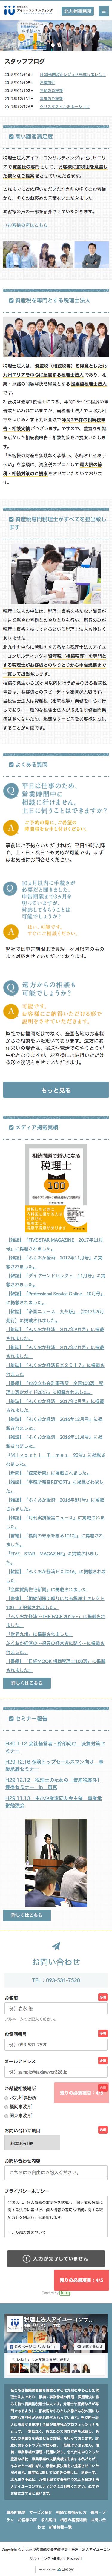 iu_kitakyusyu_top_sp.jpg